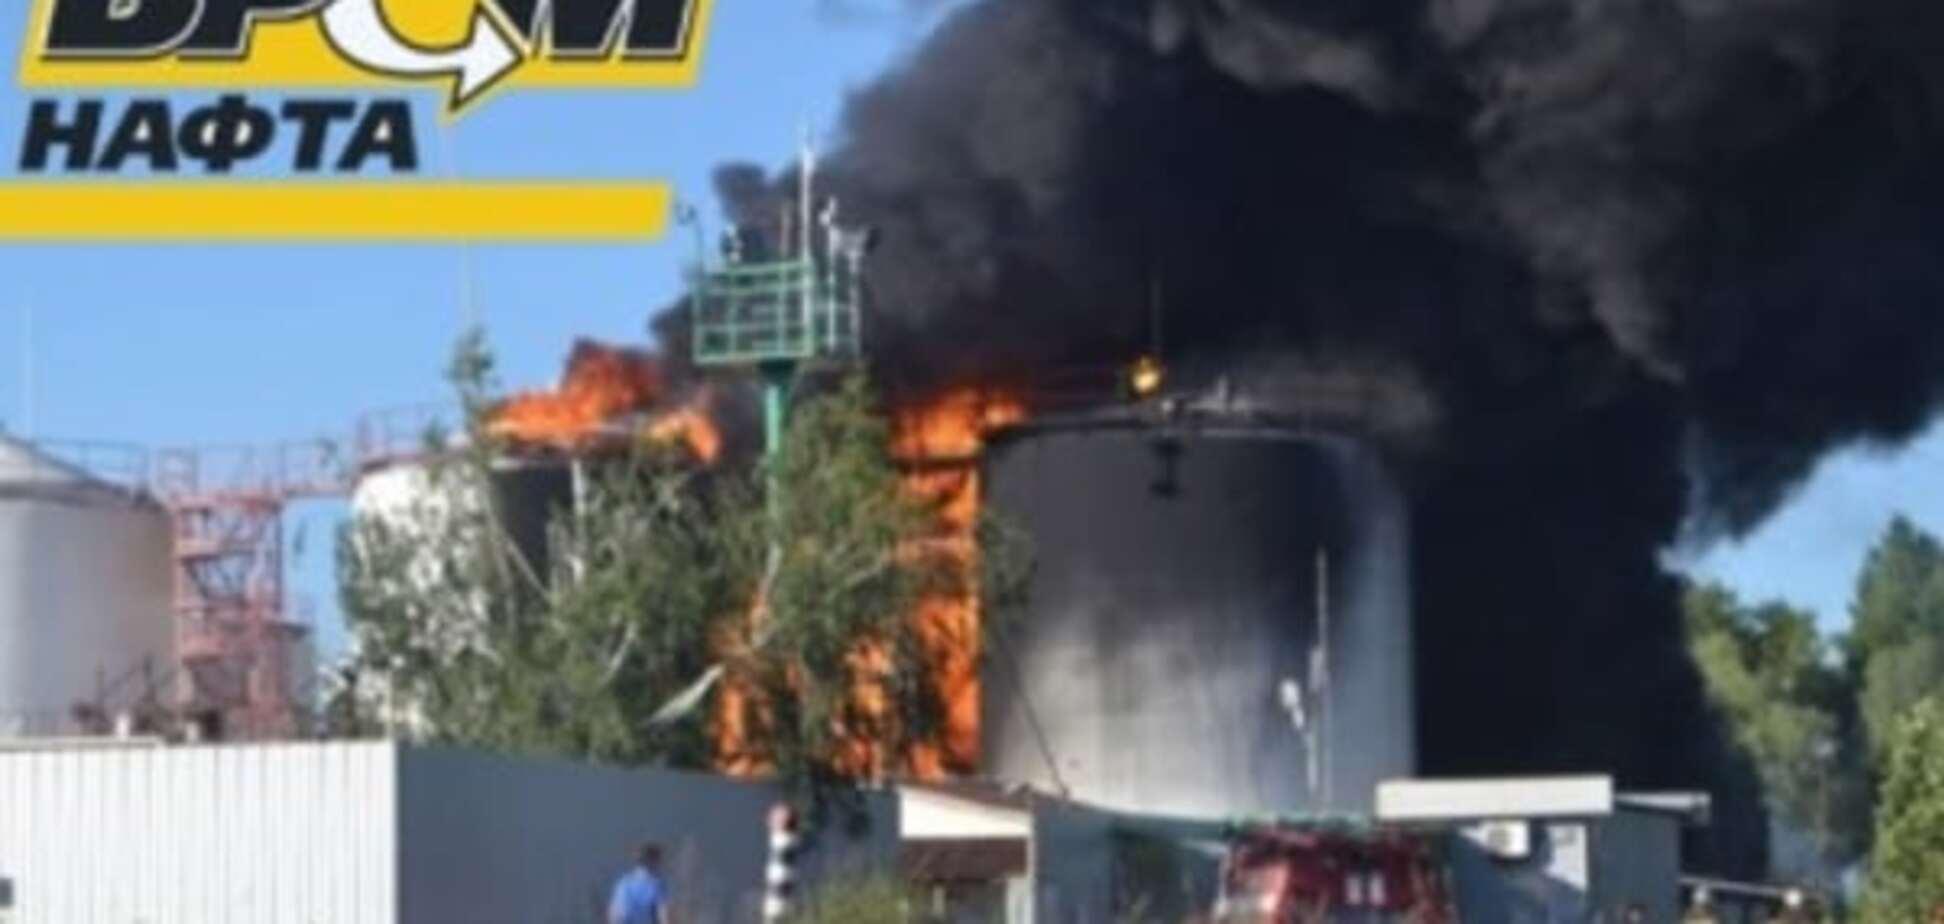 Черный отголосок: Кабмин заплатит за трагедию на 'БРСМ-Нафте'